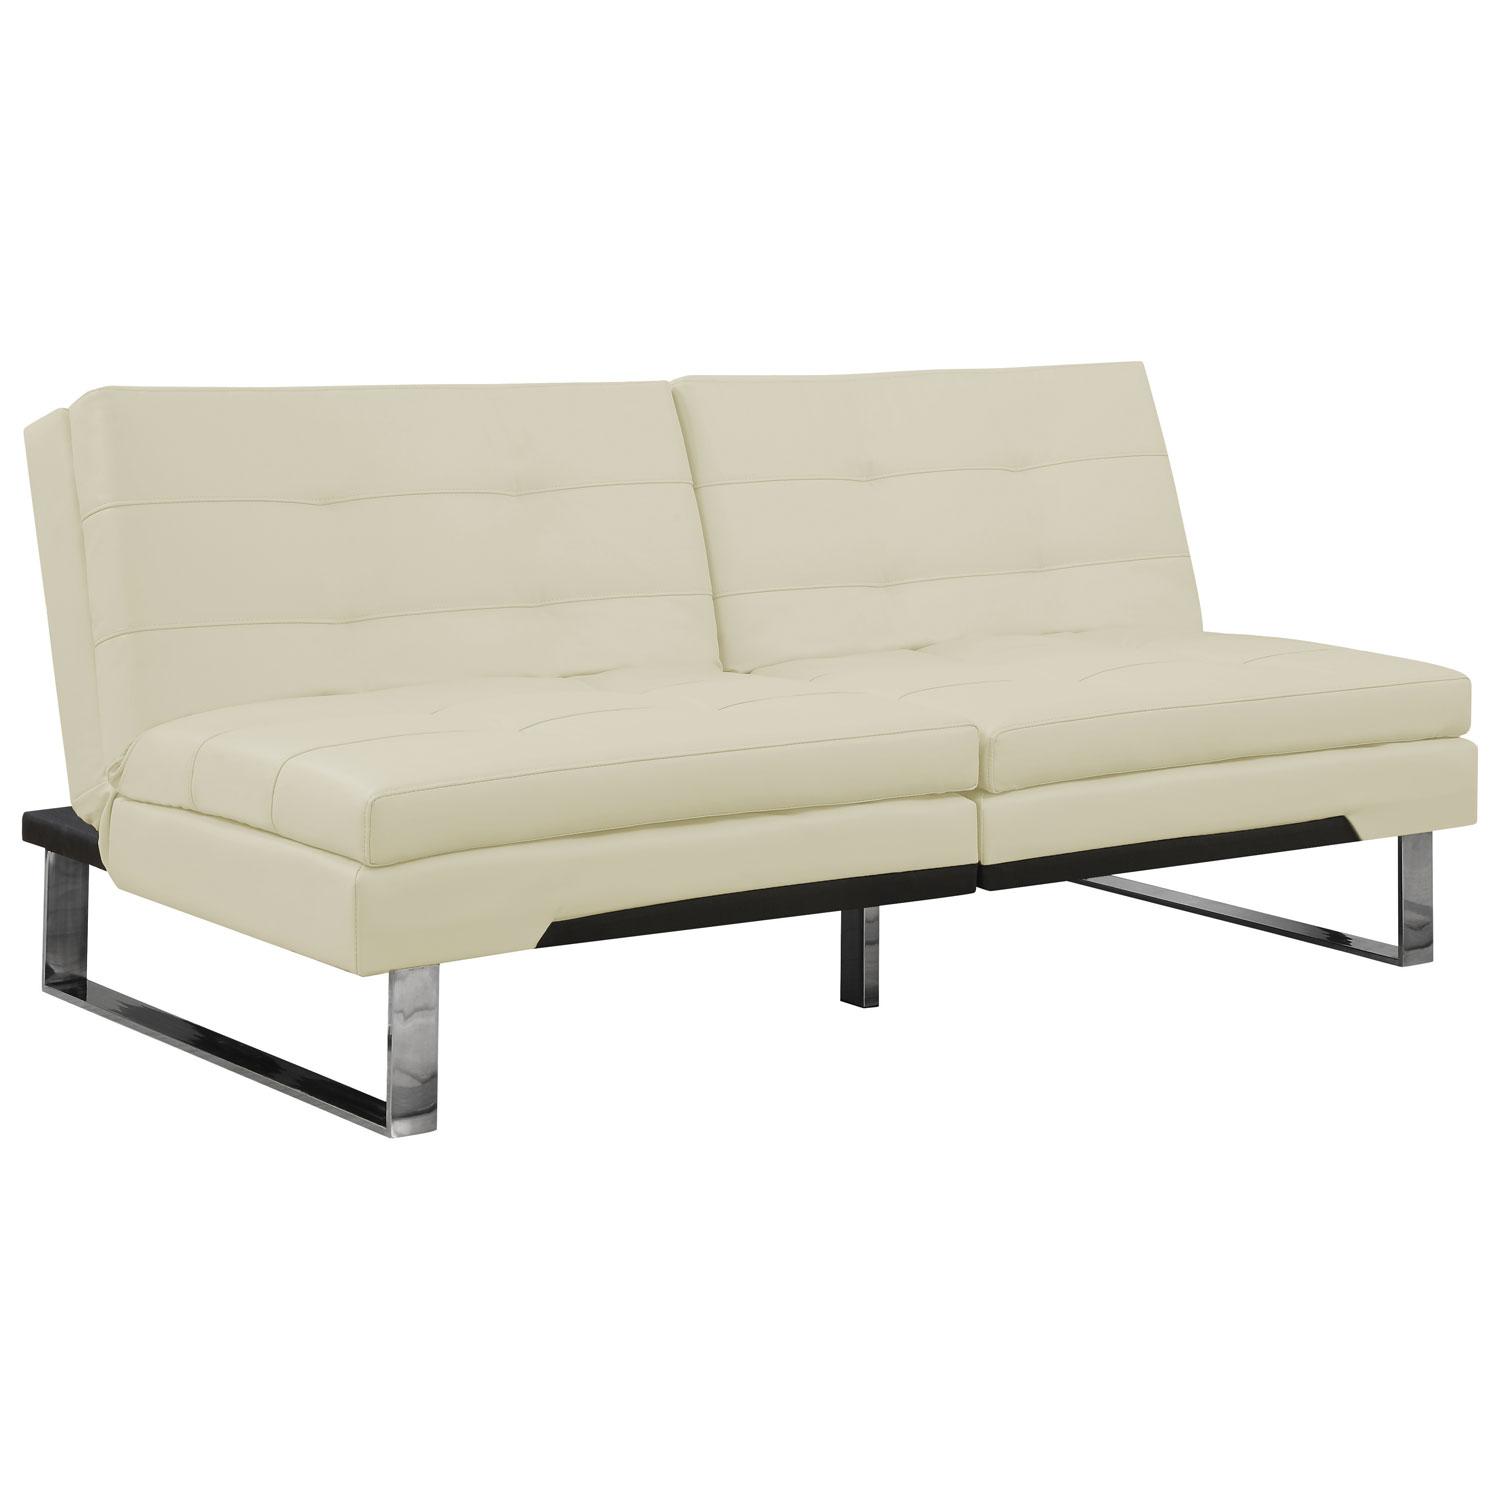 contemporary futon  ivory (i )  futons  sofa beds  best  - contemporary futon  ivory (i )  futons  sofa beds  best buy canada